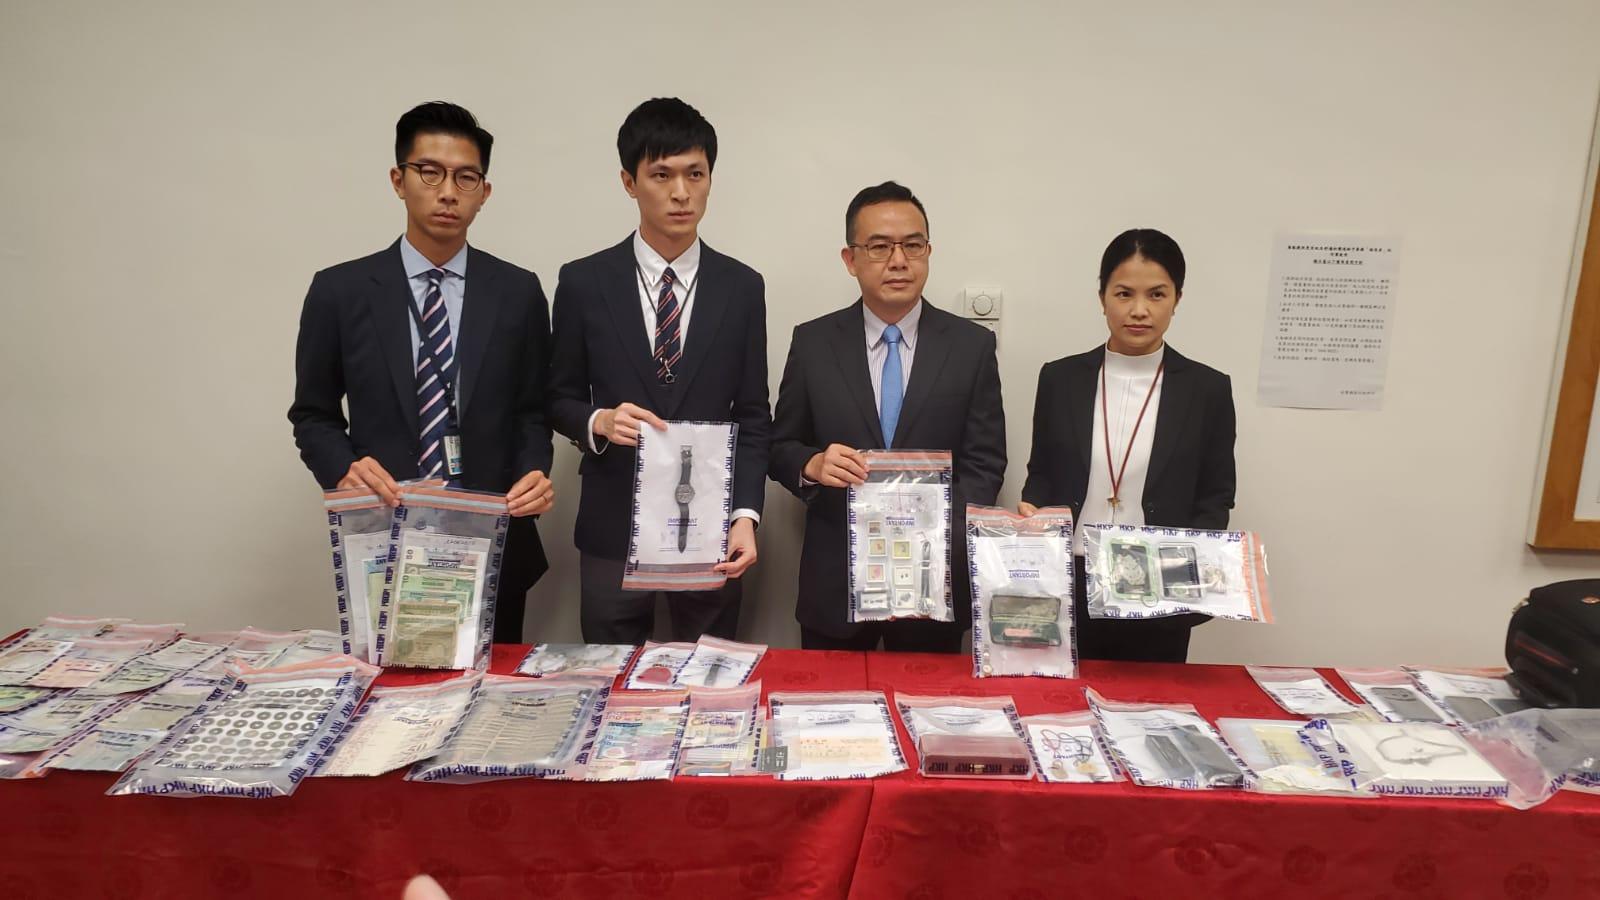 长洲拘2人涉8宗爆窃130万元财物 警方:示威致罪案飚升